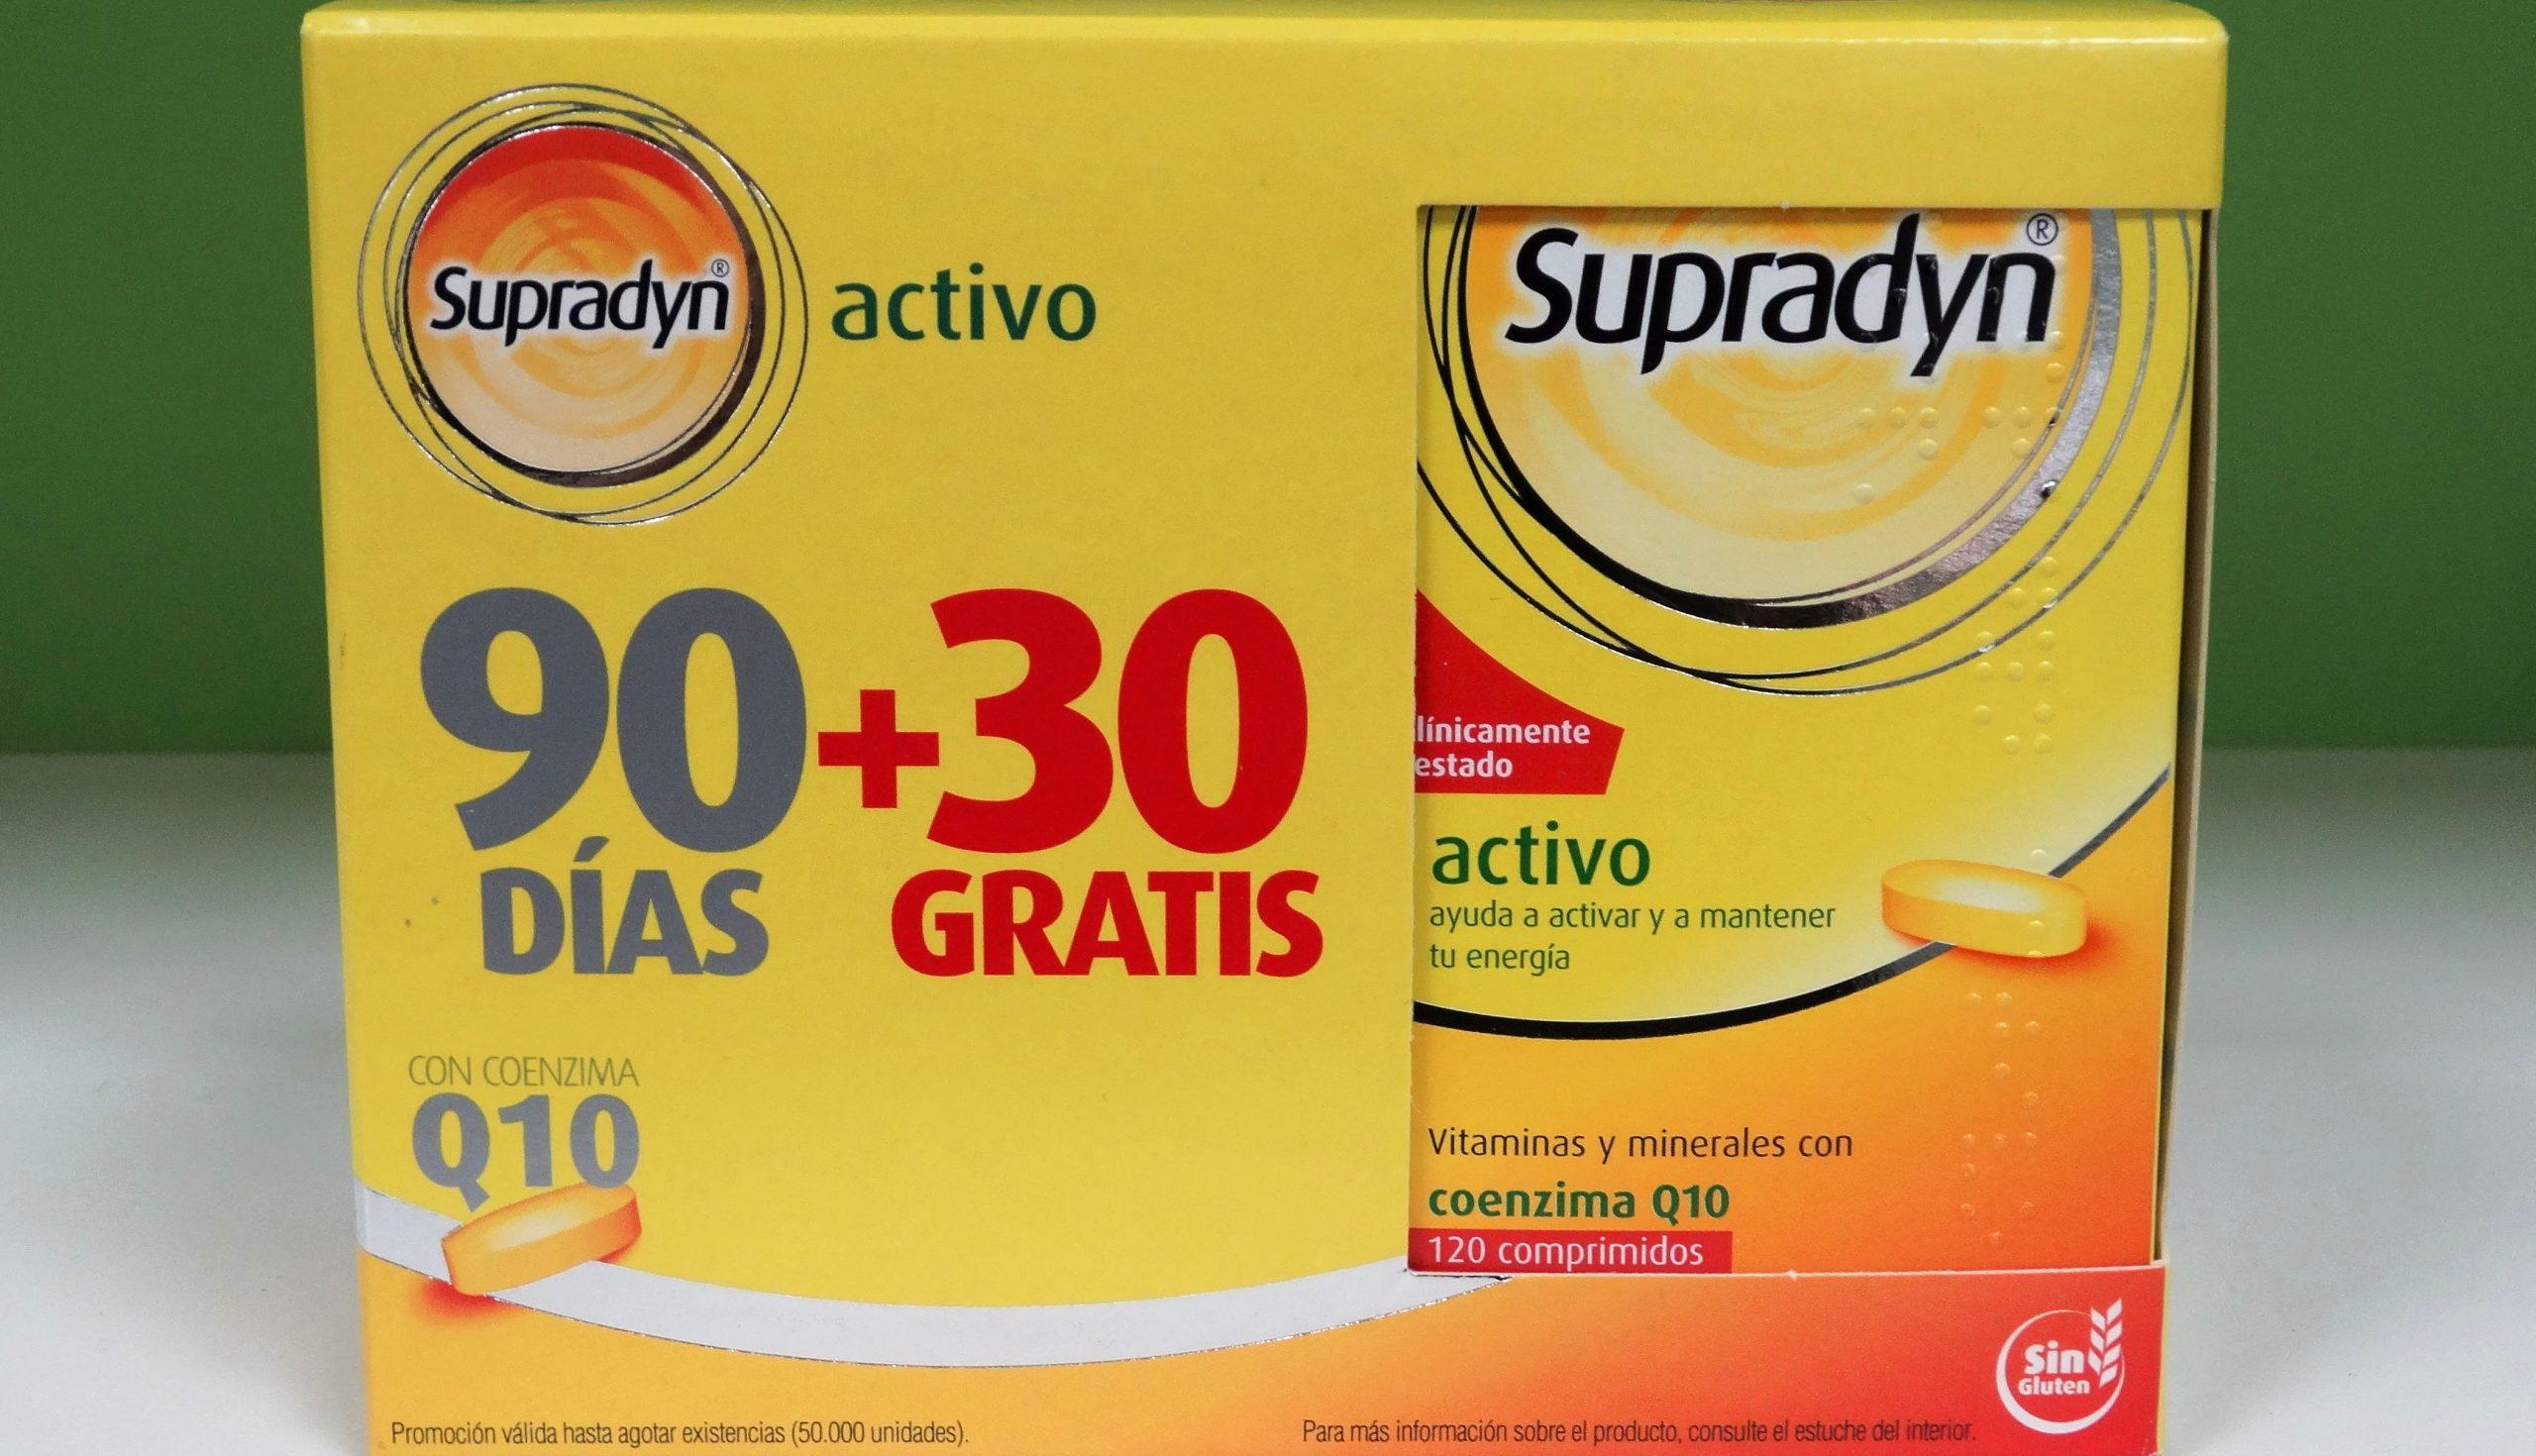 Supradyn® Activo es un multivitamínico con minerales que, complementando tu dieta habitual, ayuda a activar y mantener tu energía y vitalidad durante todo el día. Contiene coenzima Q10, un componente natural en el organismo.